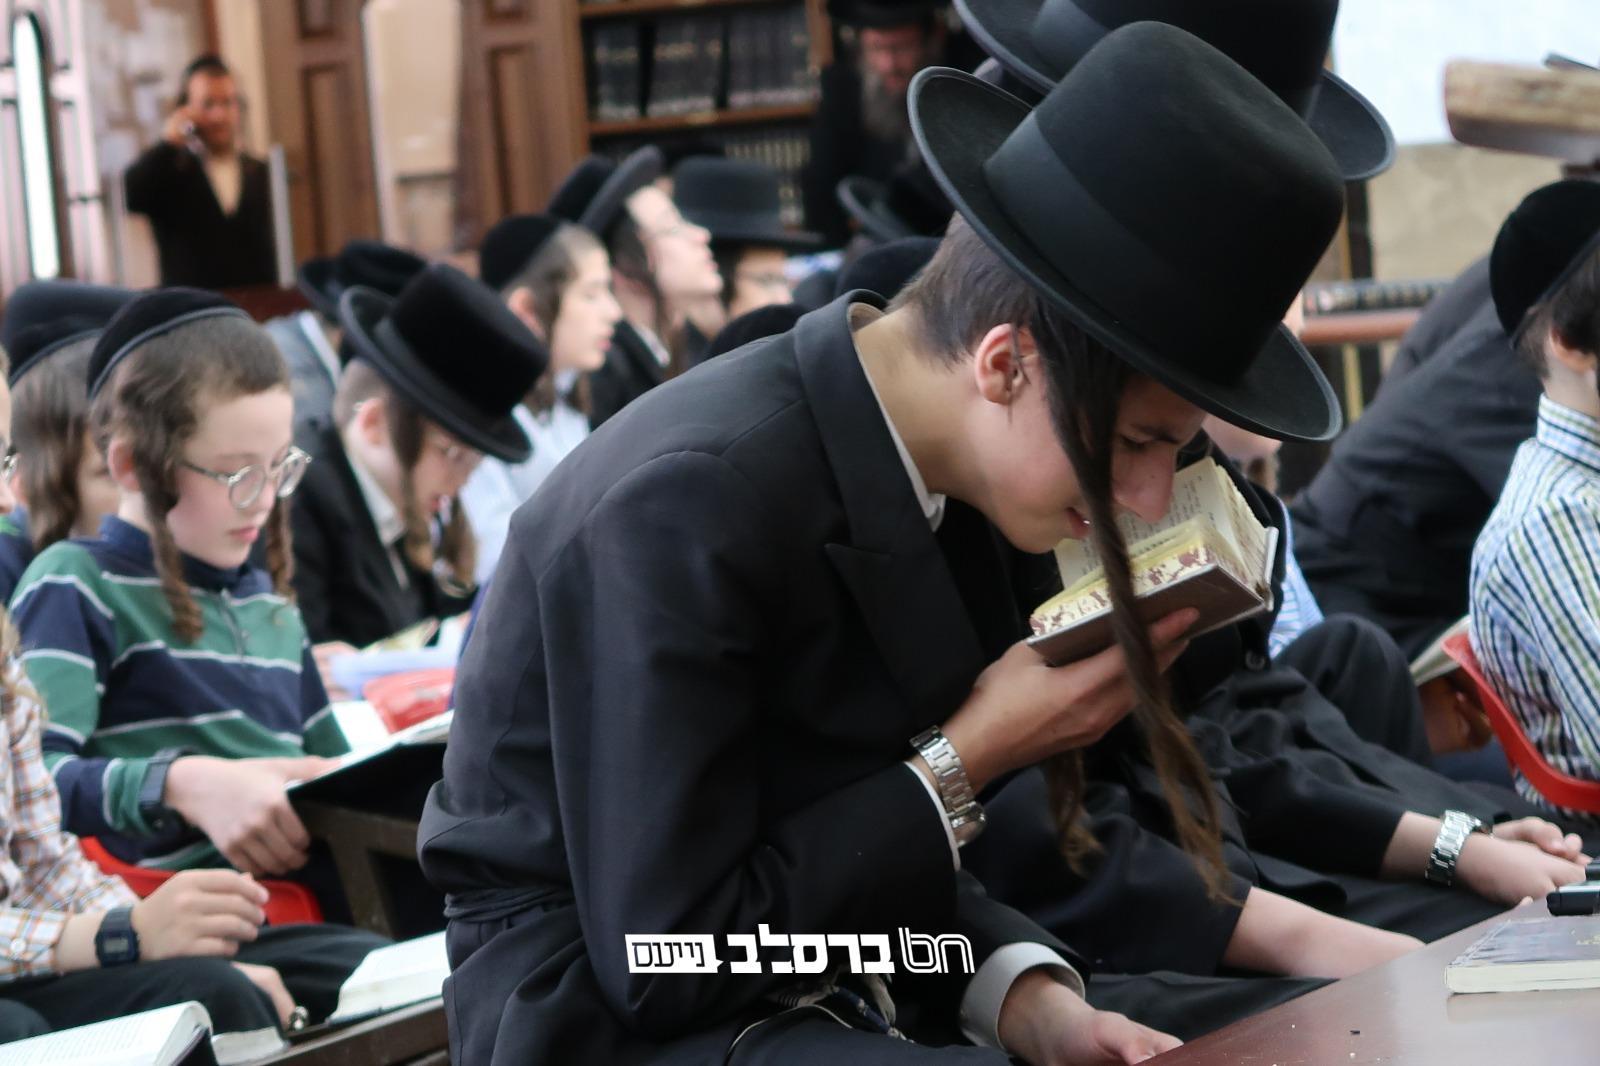 ירושלים • צפו ילדי תלמוד תורה ברסלב כואבים את חורבן בית המקדש